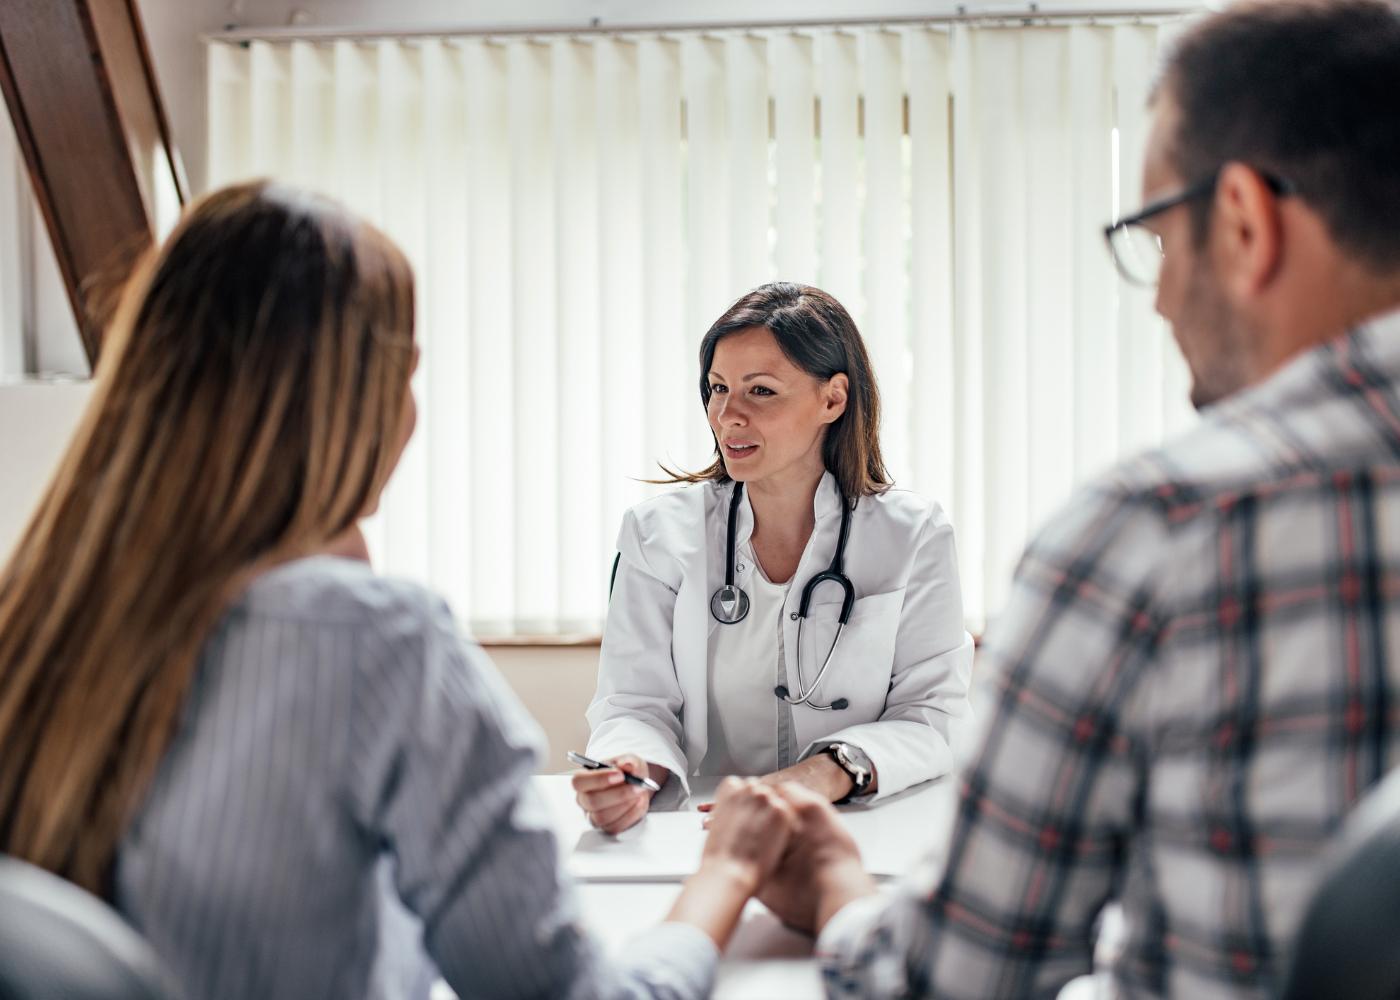 medicina sexual consulta em hospital